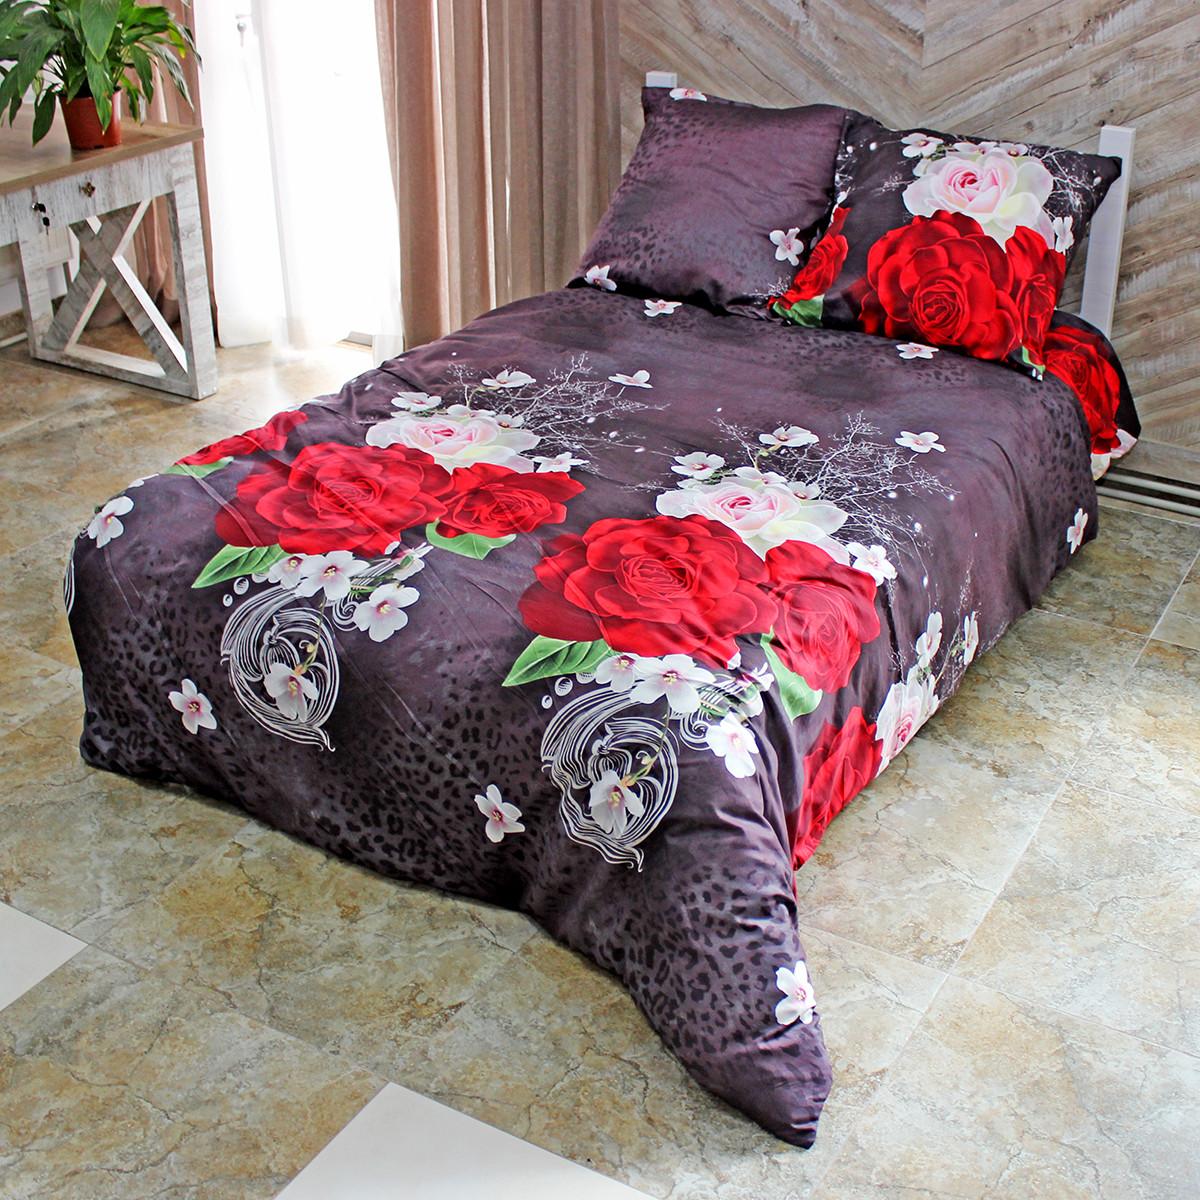 Комплект постельного белья At Home Двуспальный 200х215 (PSK_217_0353)